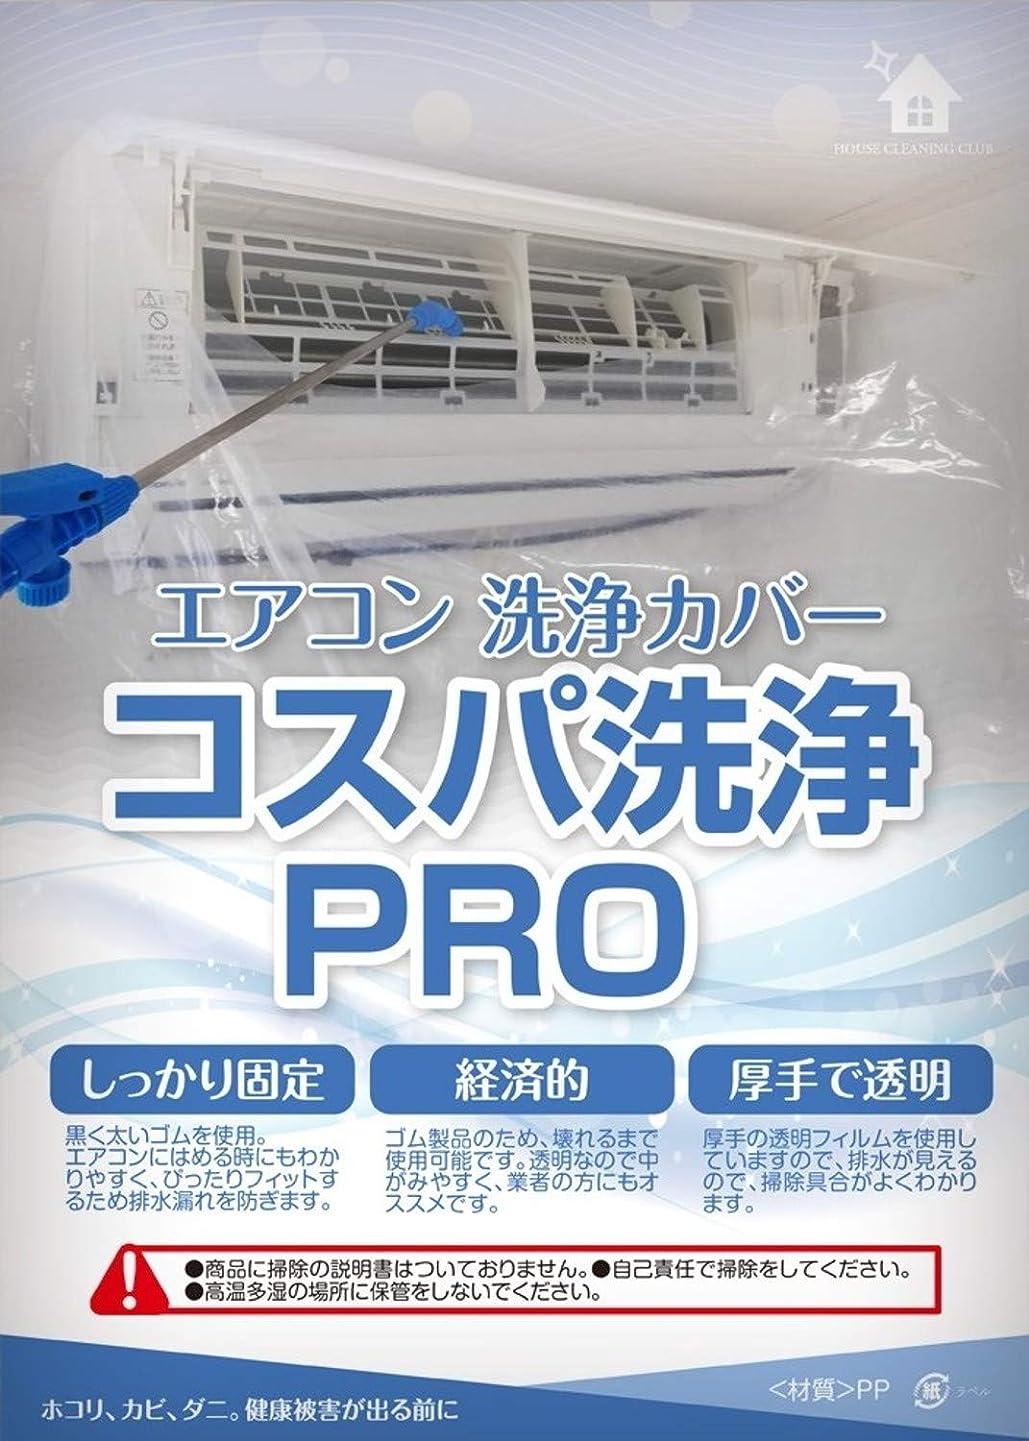 テスピアン火曜日勝つコスパ洗浄PRO エアコン洗浄カバー ビニール シート エアコン掃除 高圧洗浄機用アクセサリー